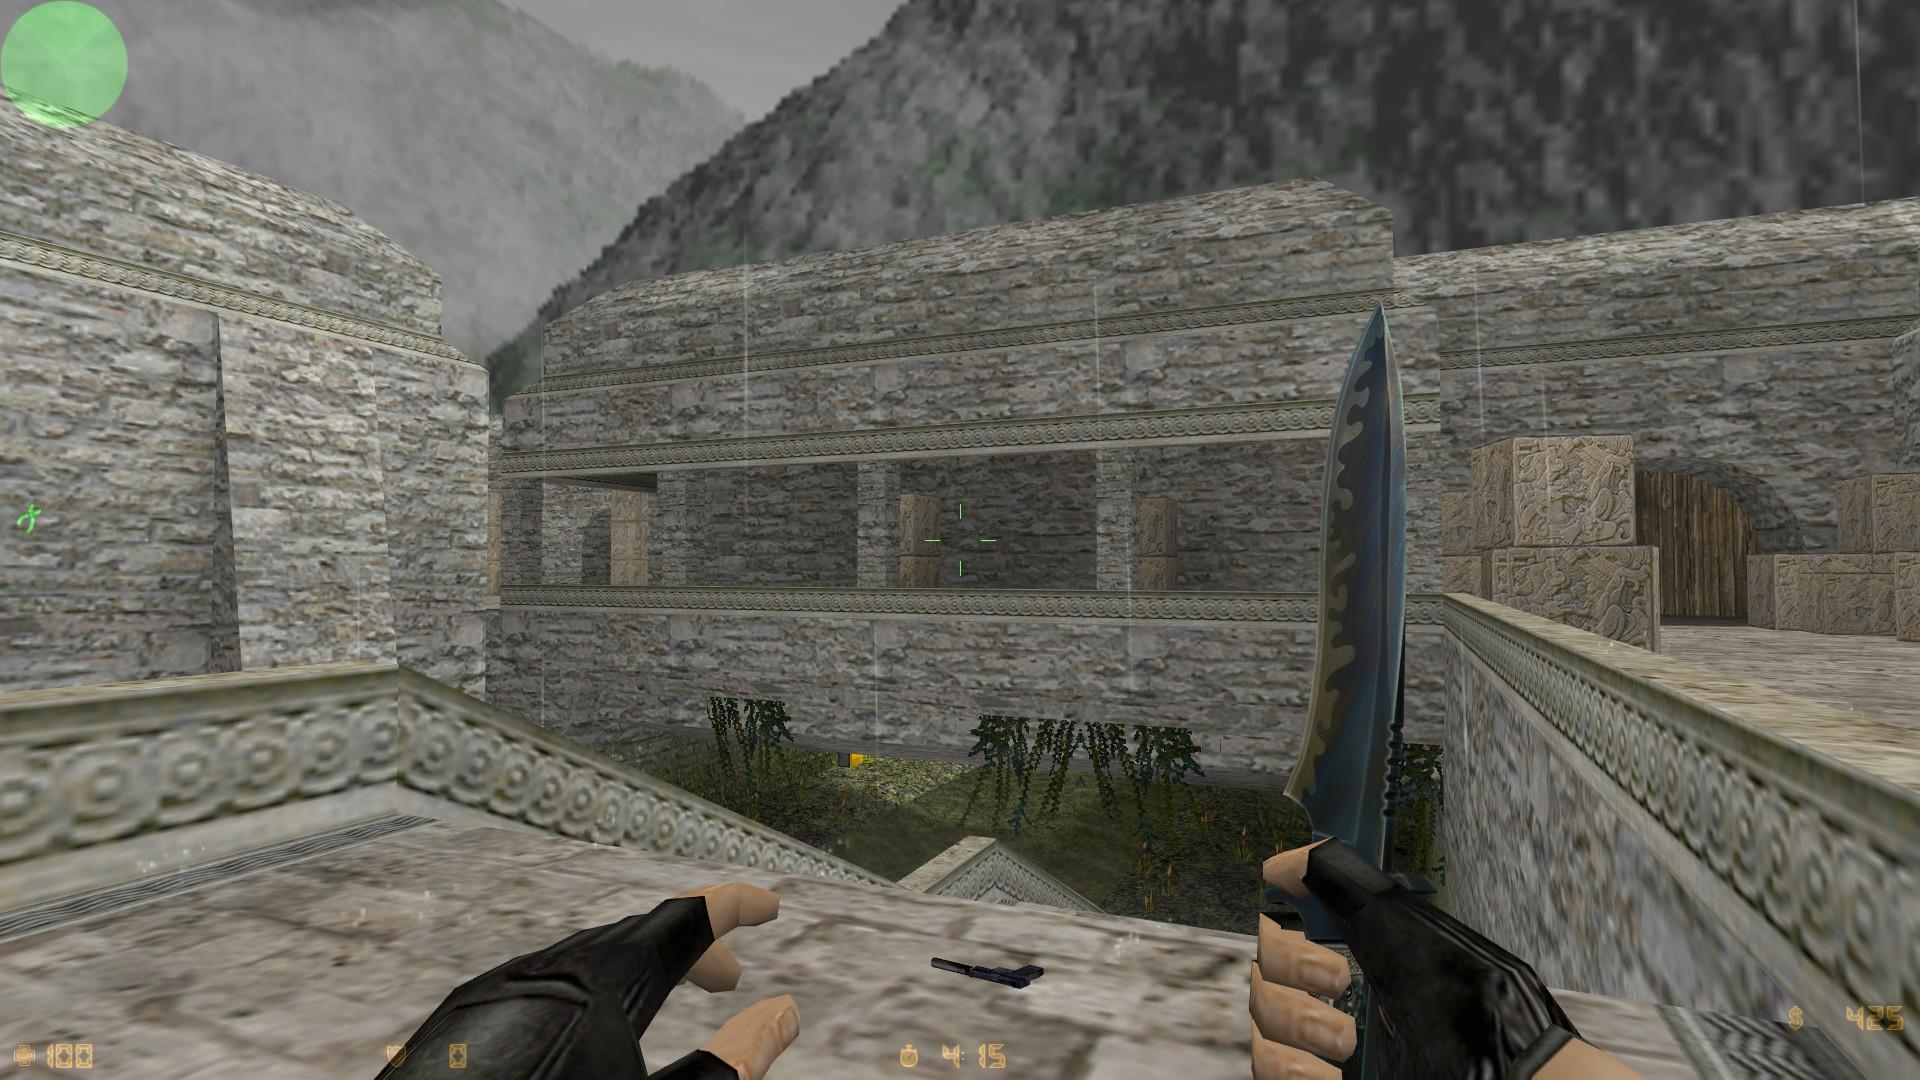 кс 16 сервера 2000 термобелья Craft Baselayer